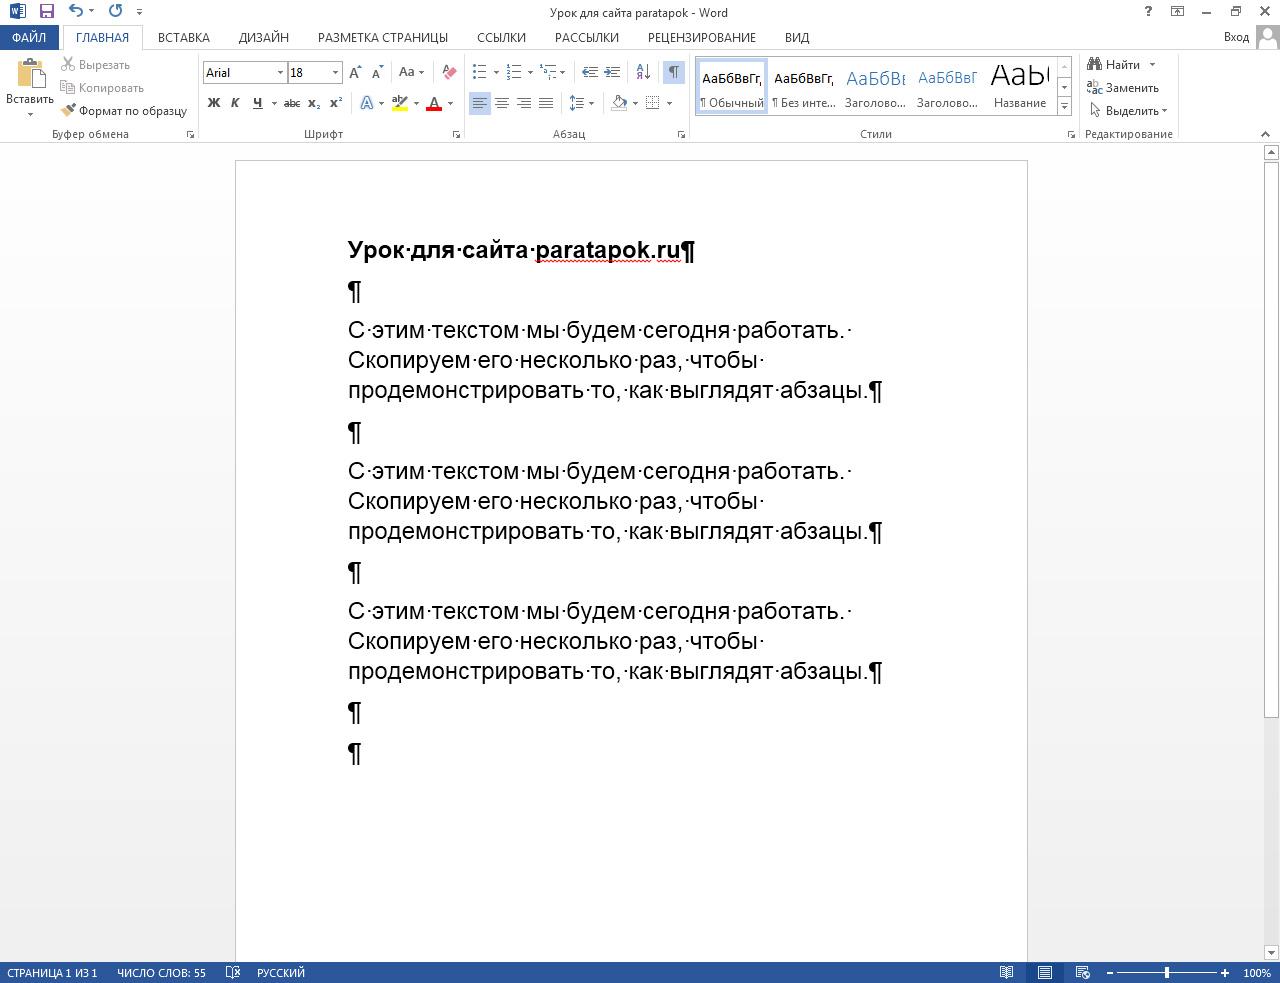 Как сделать абзац (красную строку) в Word 2013 - fo 45